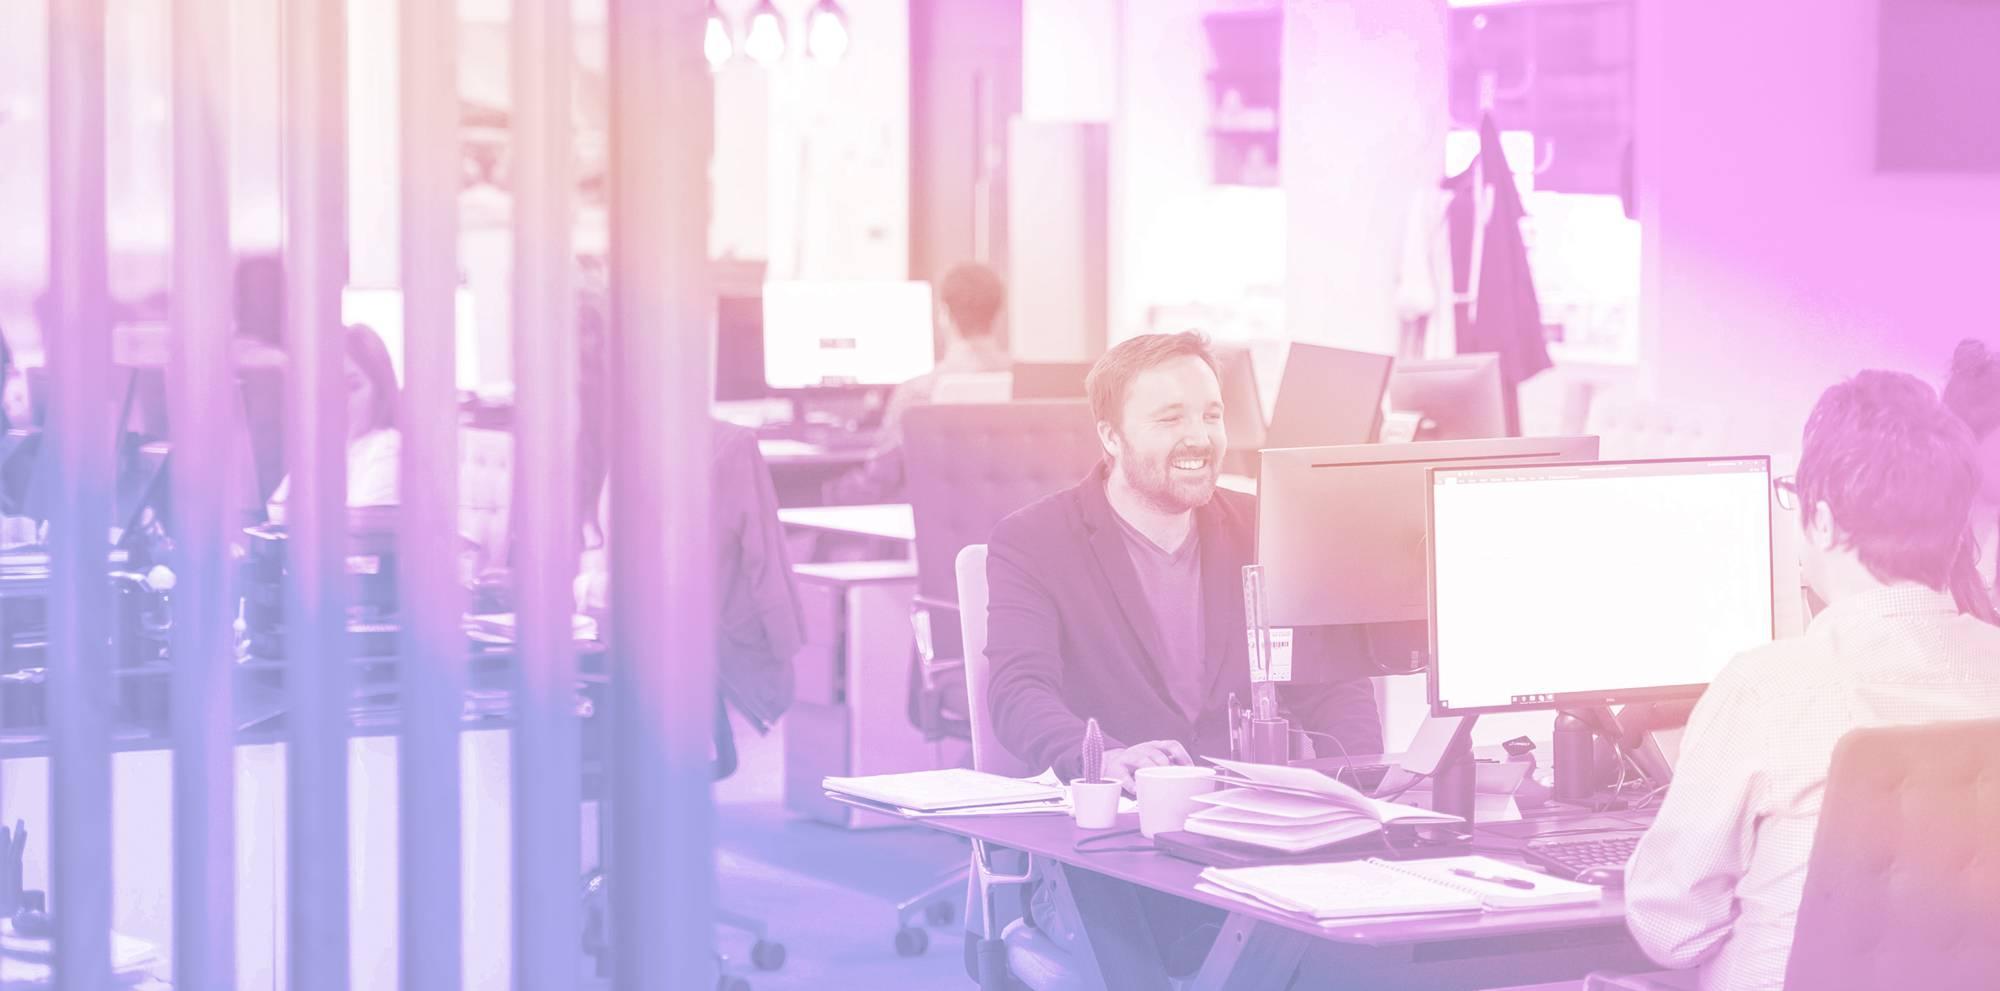 Servizi informatici Ci.Erre Ufficio forniture informatiche per ufficio como lombardia